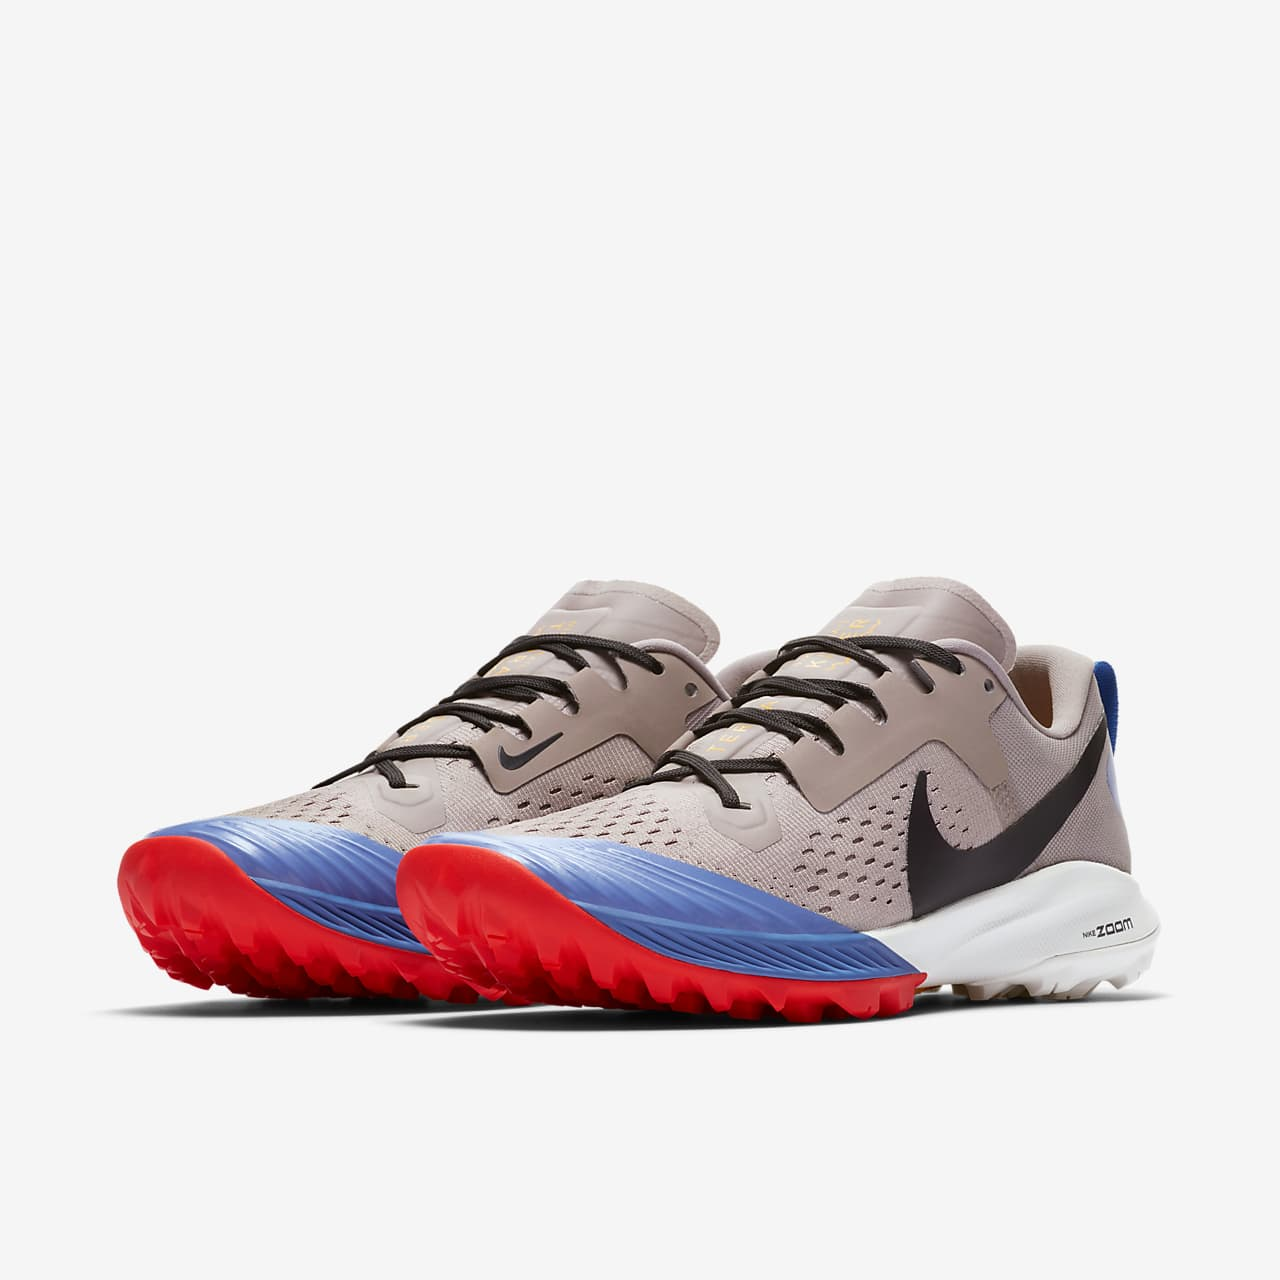 Nike Air Zoom Terra Kiger 5 Women's